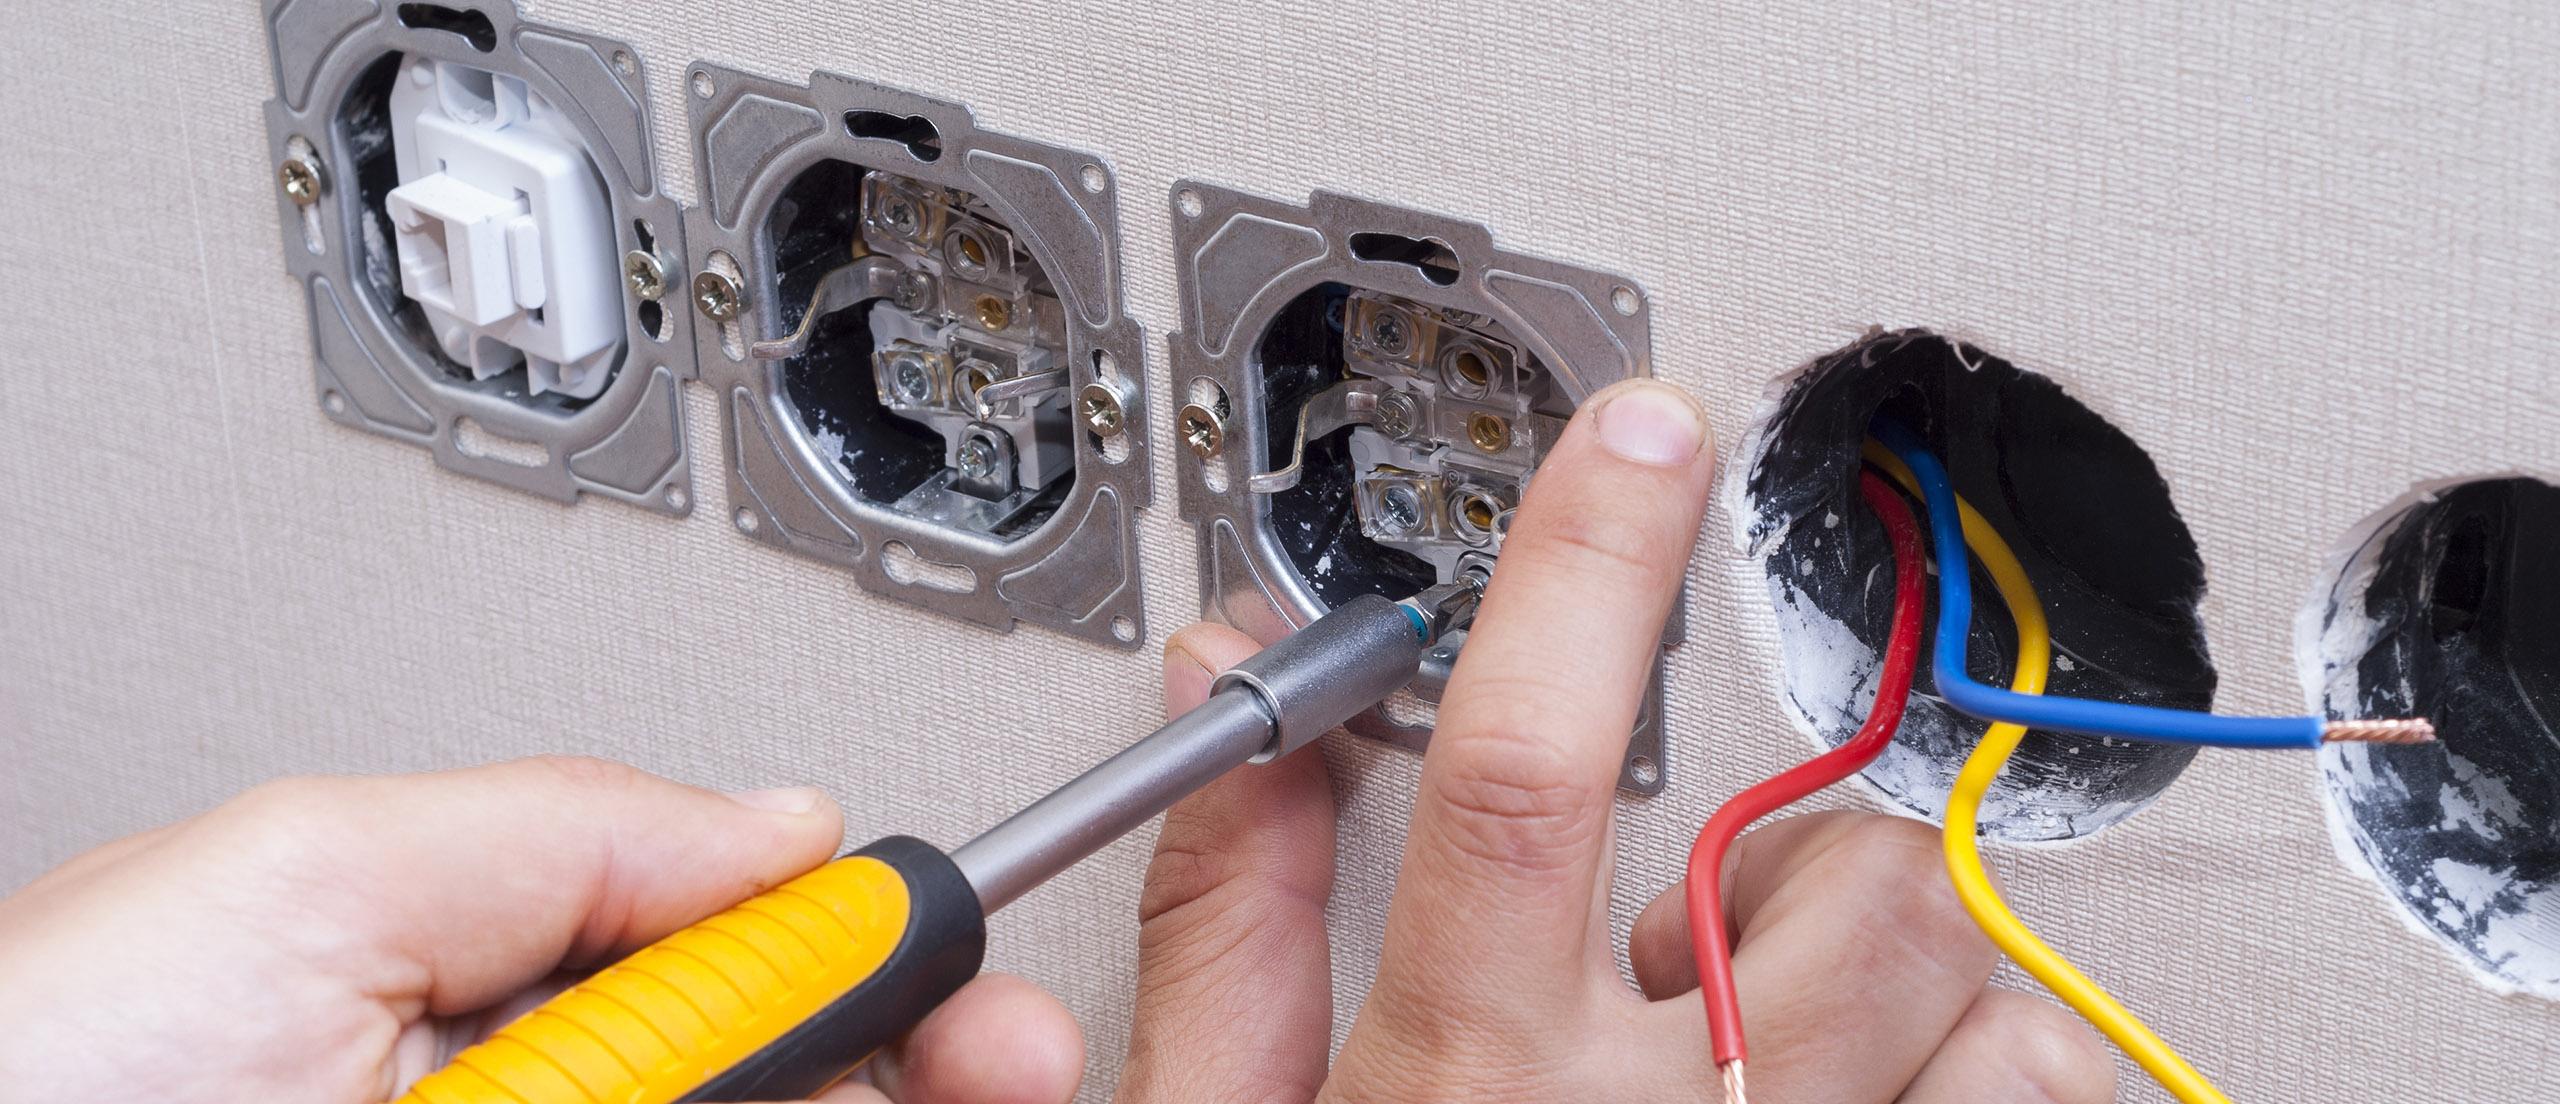 Profesionálna elektroinštalácia do rodinných domov, bytov, kancelárii